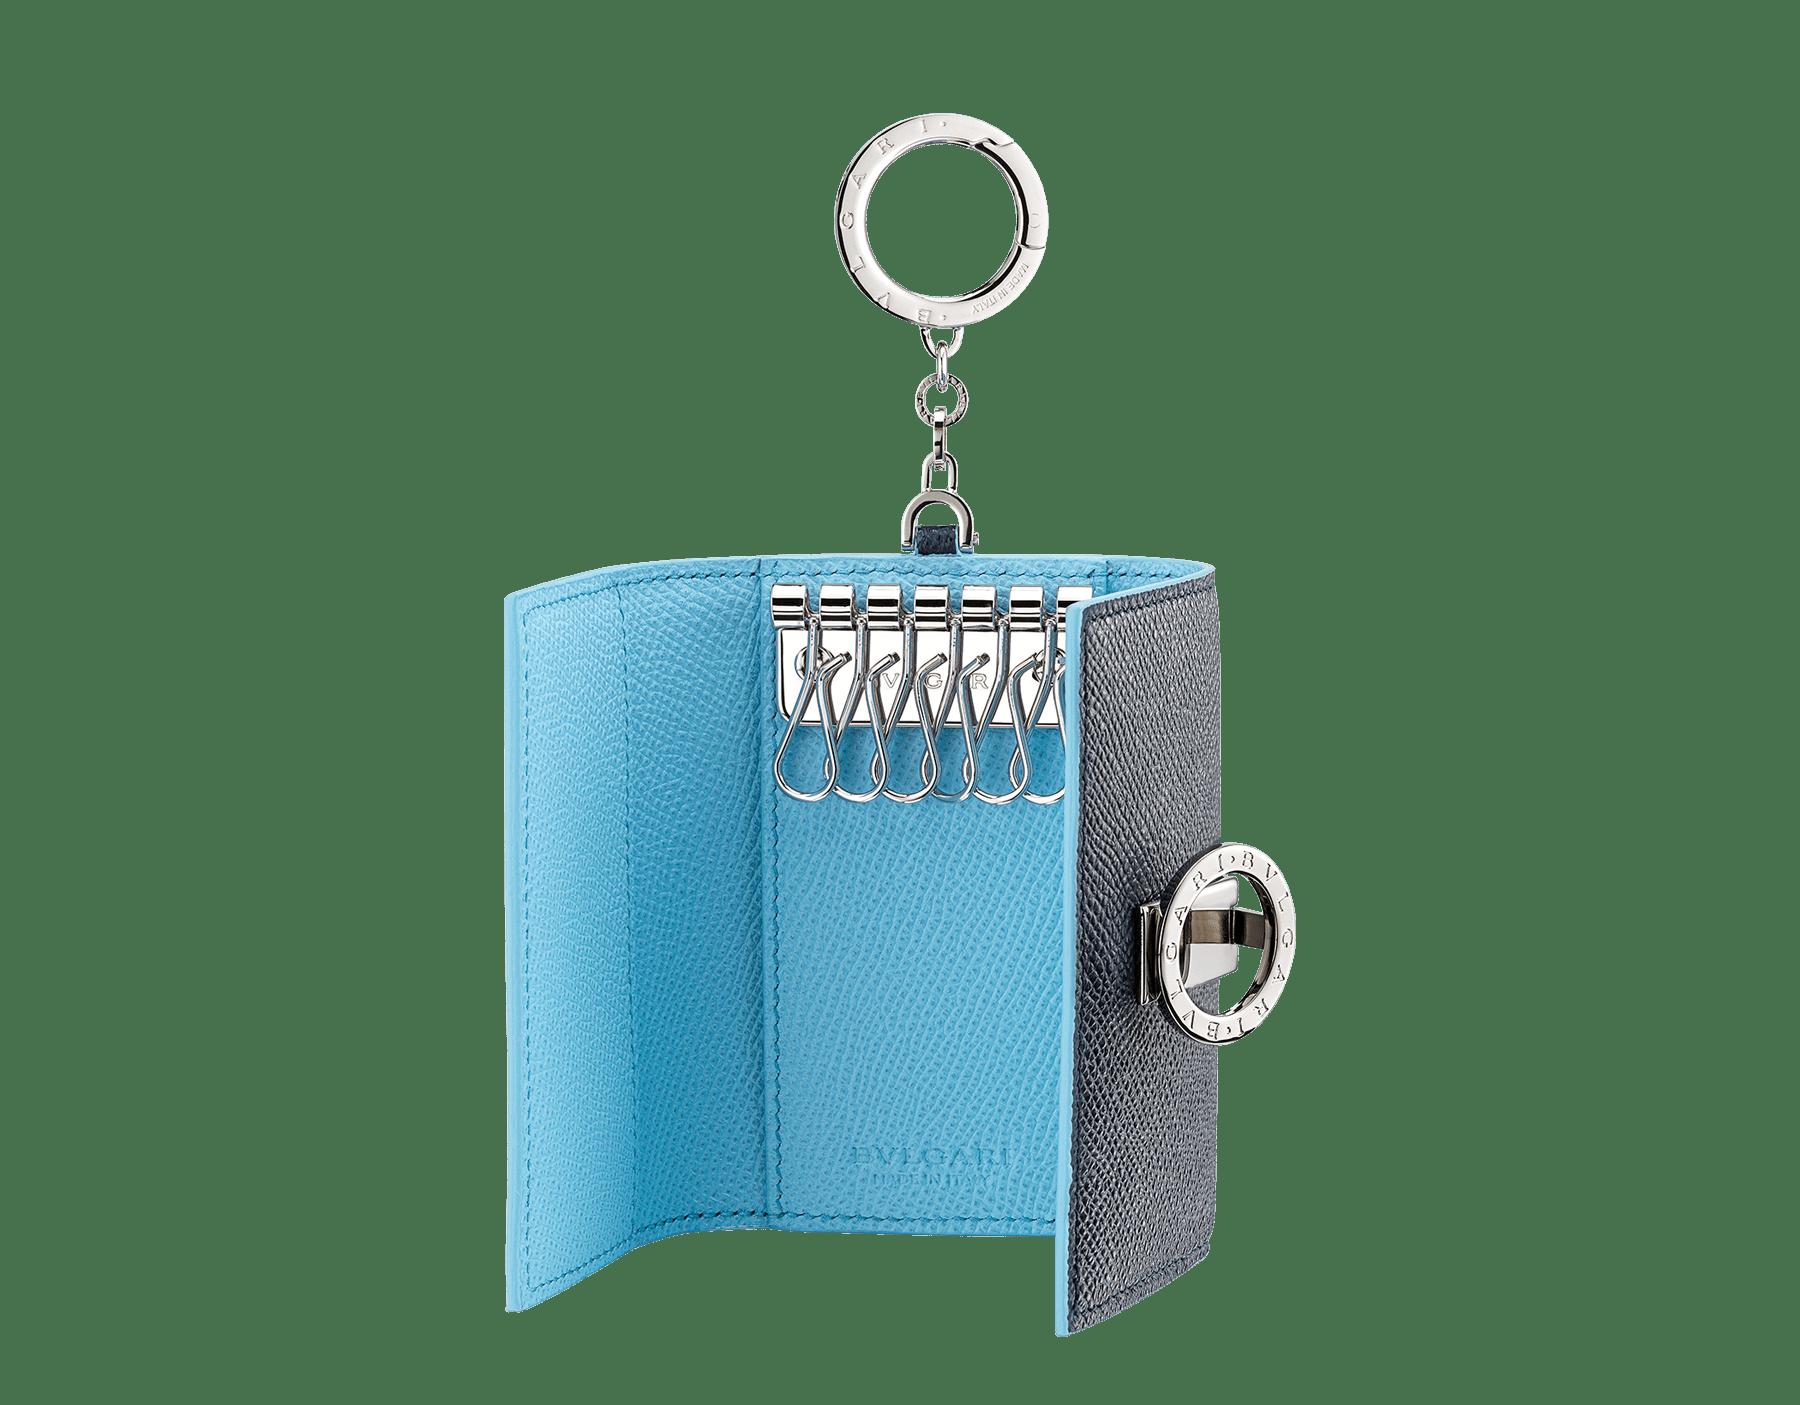 BVLGARI BVLGARI Schlüsseletui aus genarbtem Kalbsleder in Denim Sapphire Blau und in Aegean Topaz Hellblau. Ikonischer Logodekor und Karabinerhaken aus palladiumbeschichtetem Messing. BCM-KEY-HOLD-CLASPb image 2